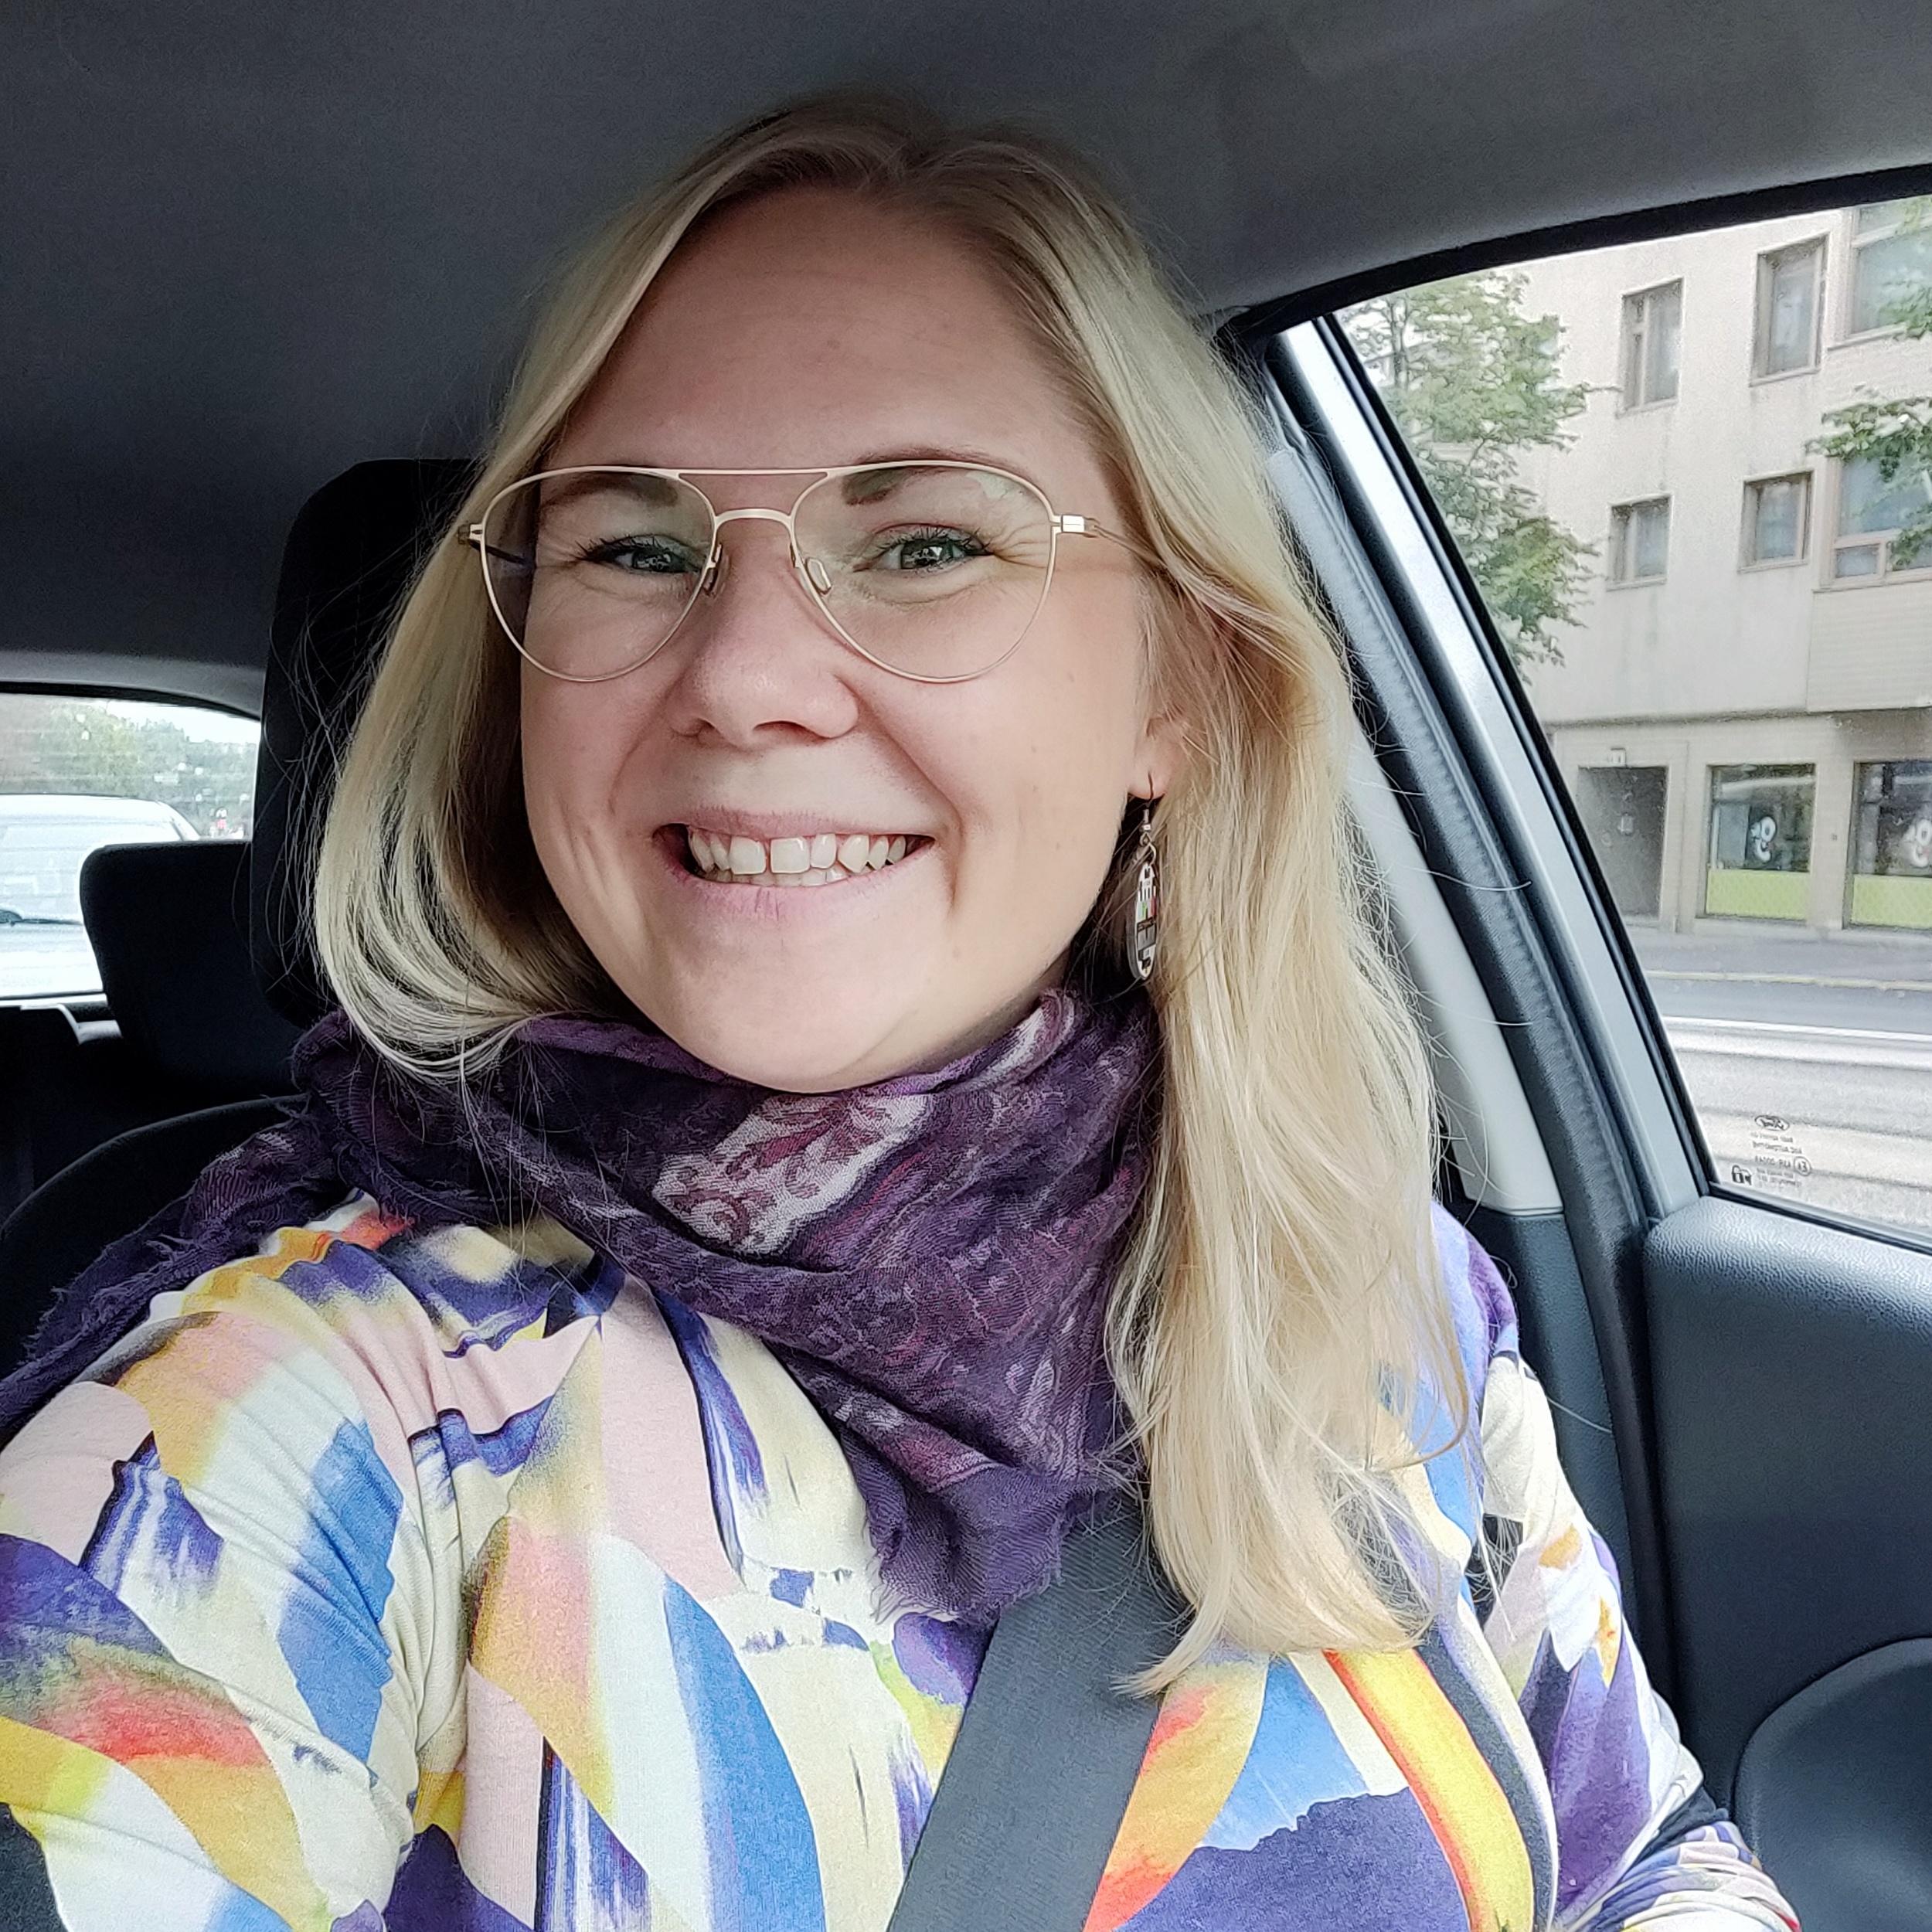 På väg mot Hangö. Fotot taget medan jag stod stilla i trafikljusen, så klart!